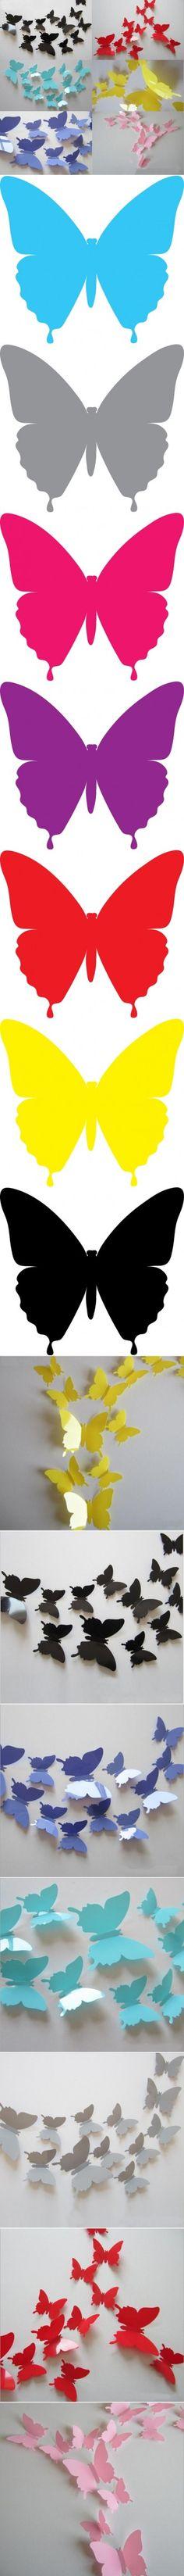 De DIY Decoración de la pared vacía con las mariposas